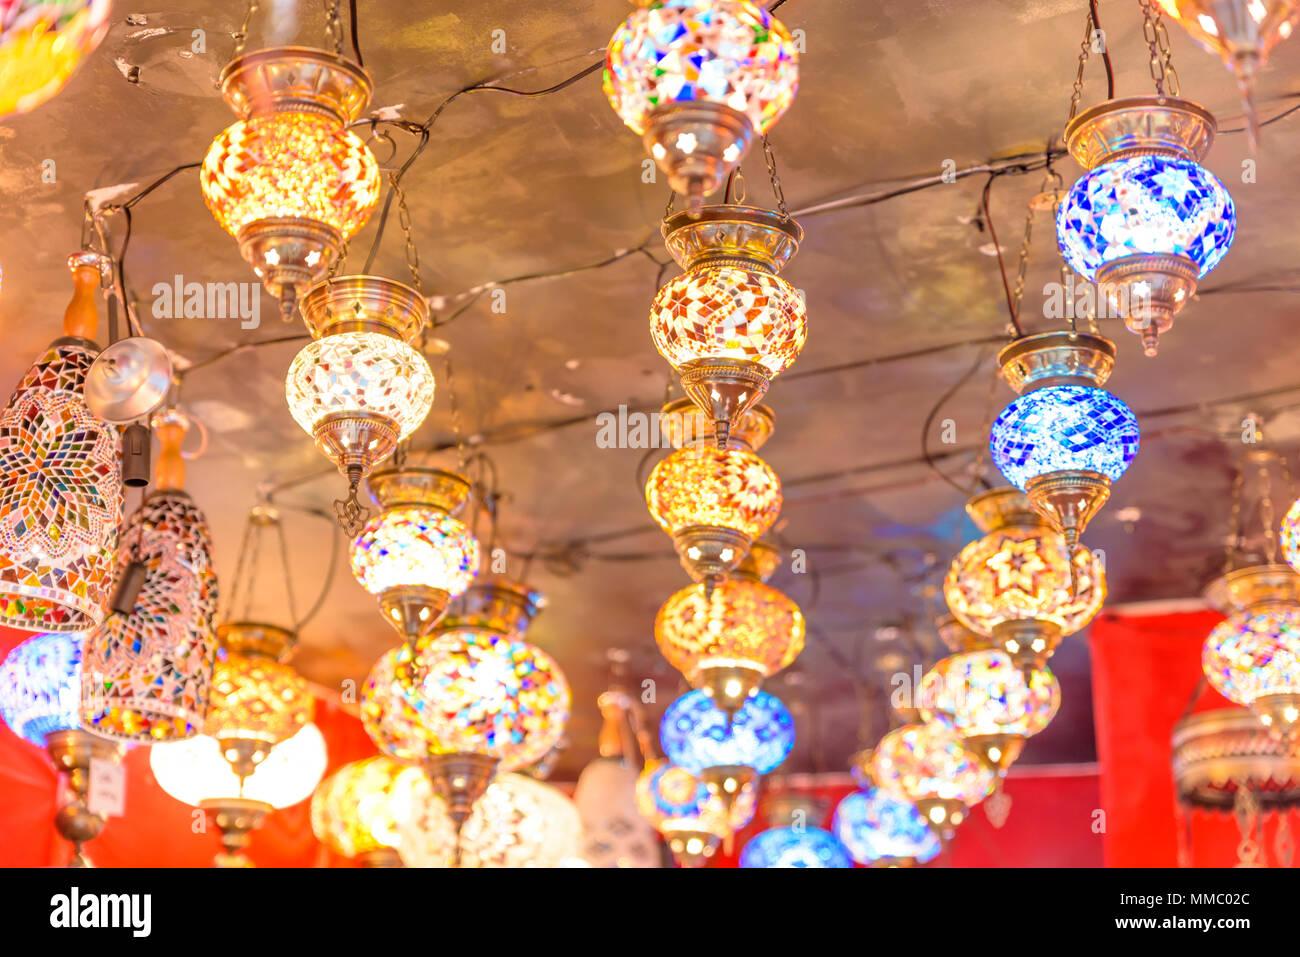 Colorato tradizionale artigianale di bagno turco lampade e